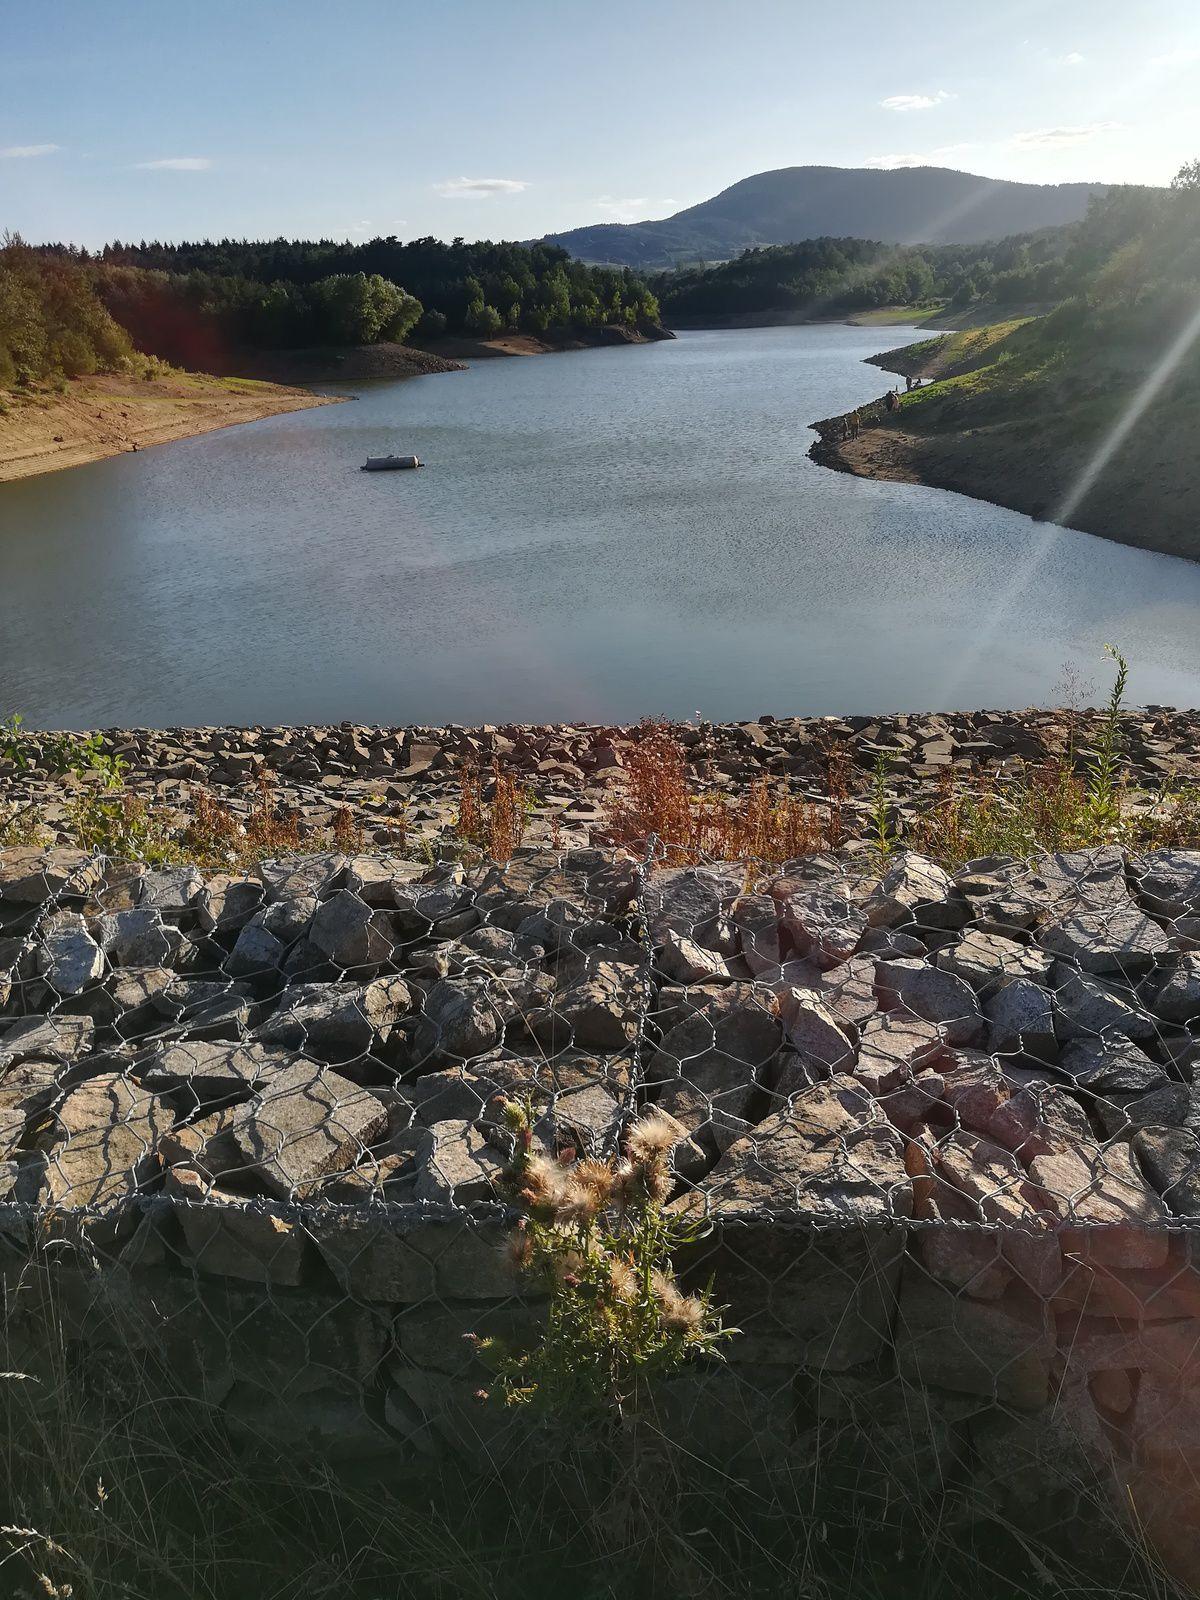 Ces images illustrent le lac des Meinettes. Ce dernier se situe près du village de St Jeure-D'Ay dans le Massif central en Ardèche. Lequel nous propose un petit parcours convivial et ludique de 3,5 km environ.